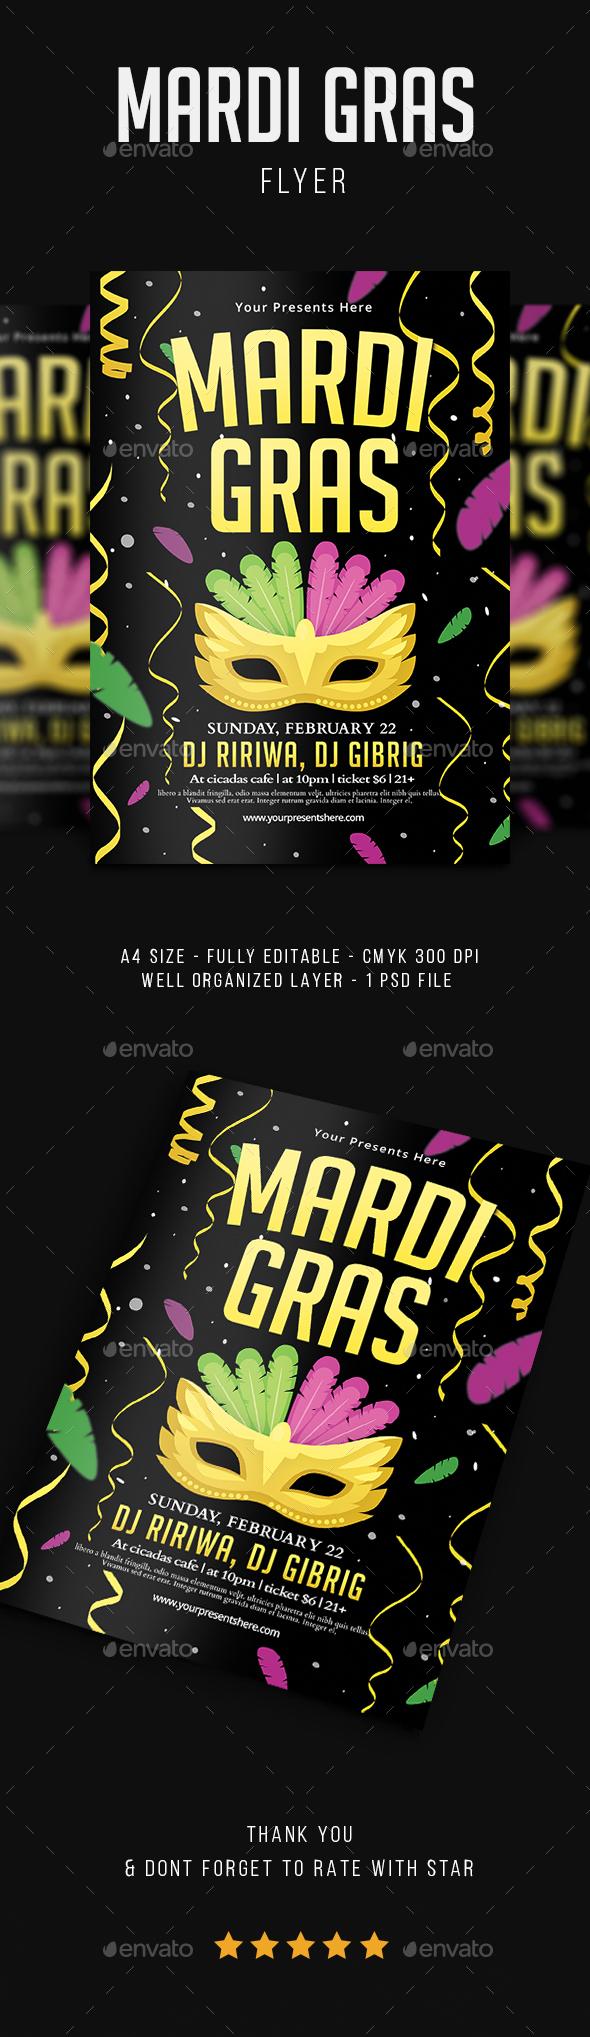 Mardi Gras Flyer Vol.4 - Flyers Print Templates